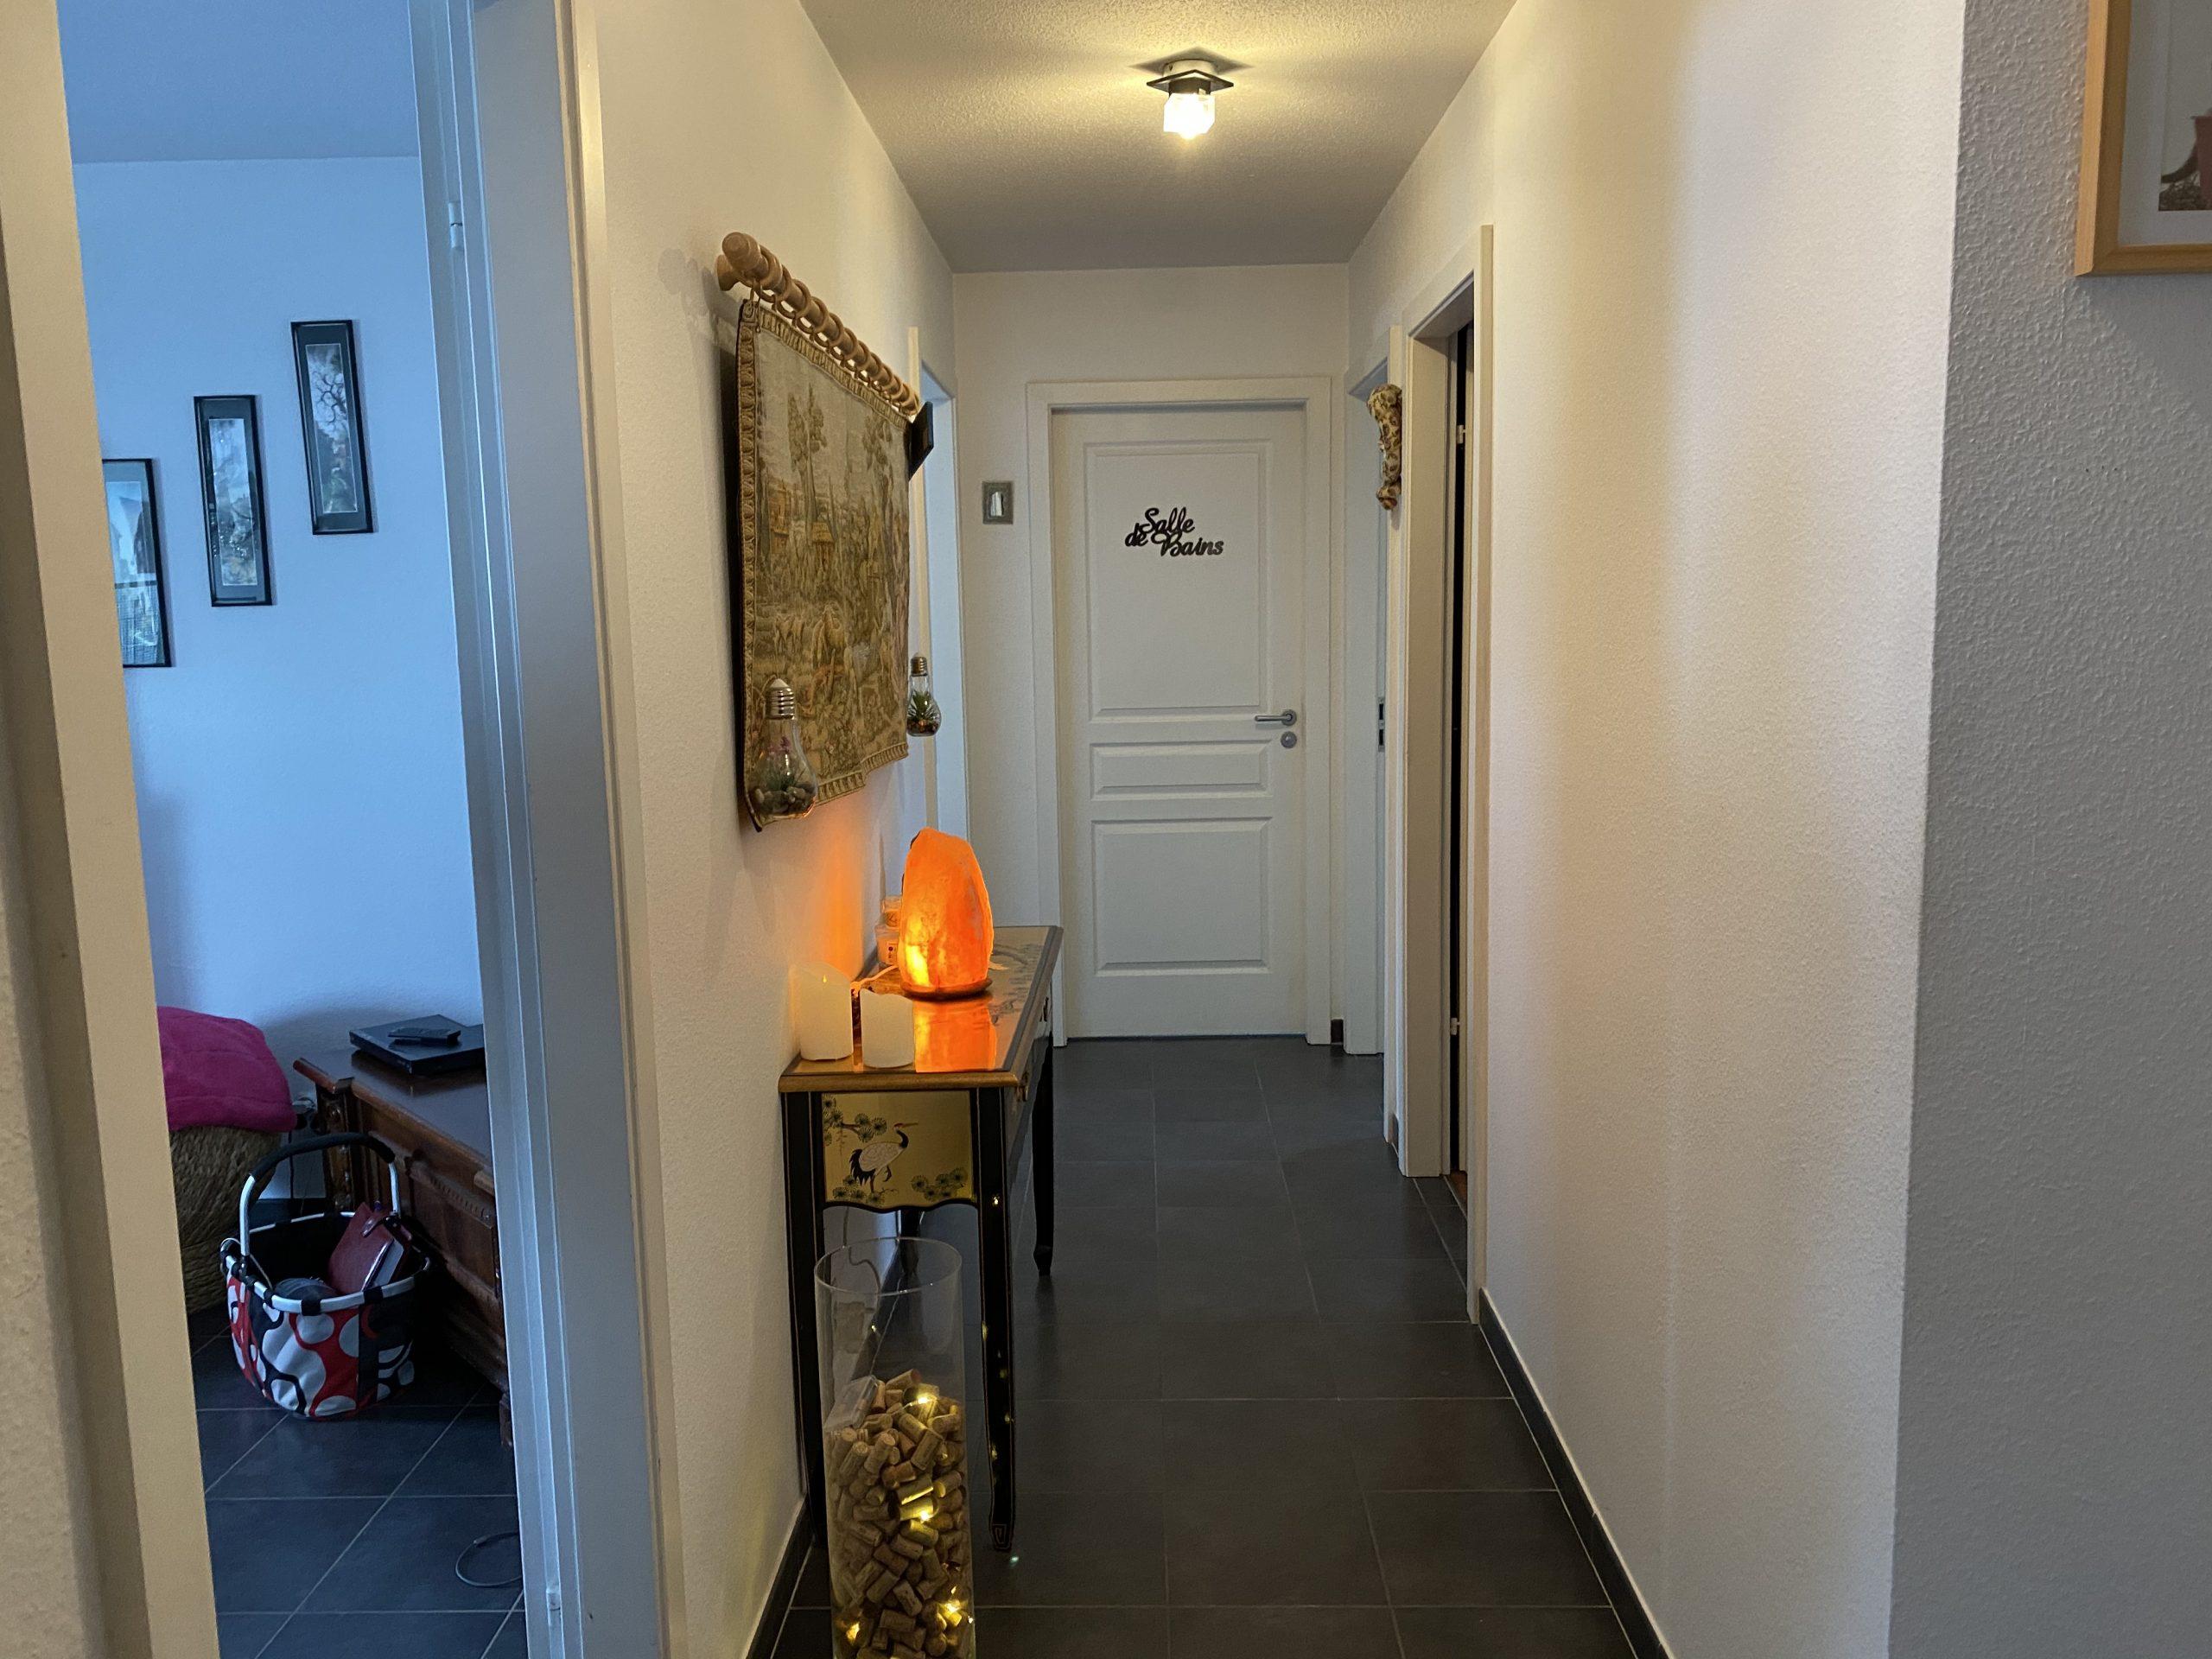 Appartement 4 pièces + garage, 68190 Ensisheim, Haut-Rhin